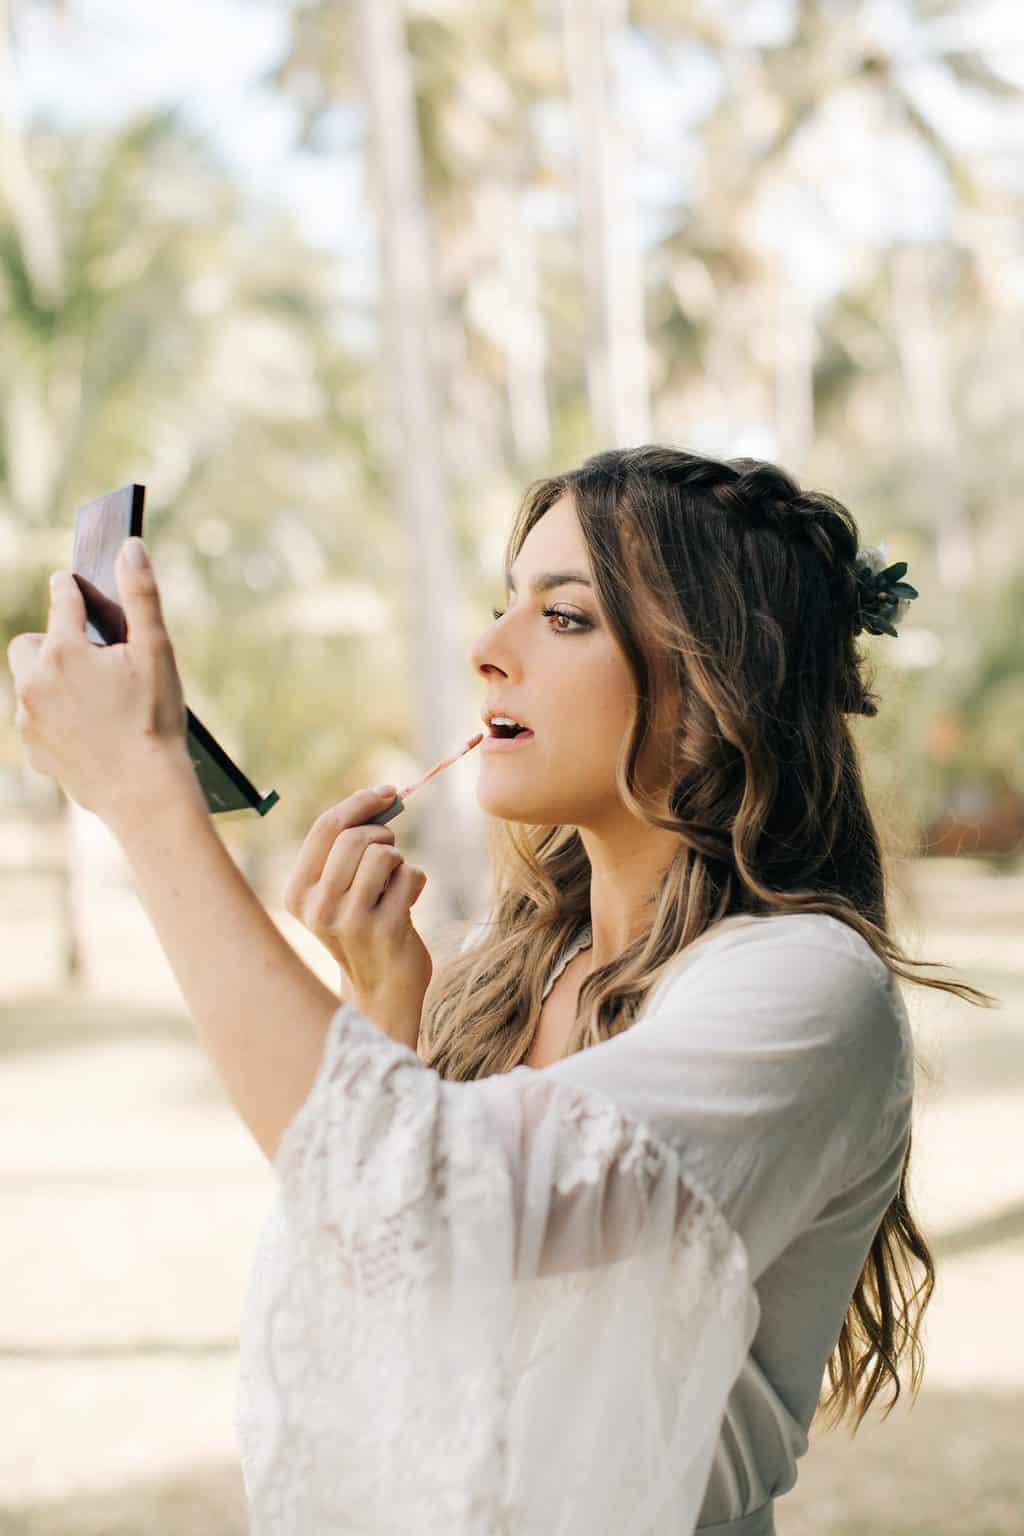 casamento-Danielle-e-Guilherme-aloha-fotografia-caseme-29